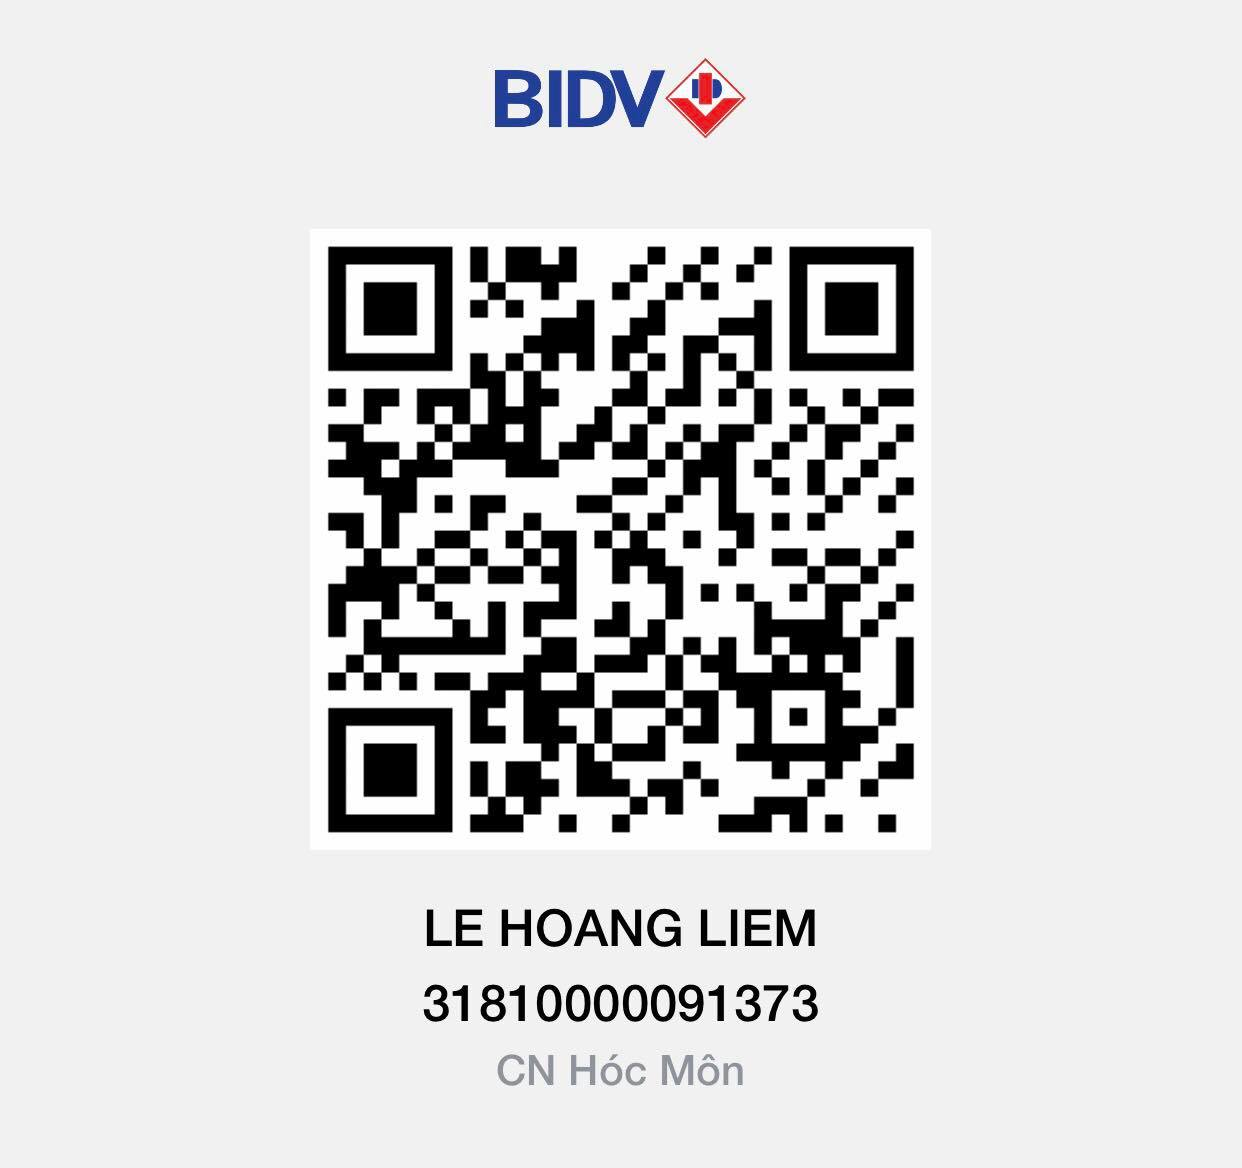 Chấp nhận thanh toán BIDV tại Xship.vn